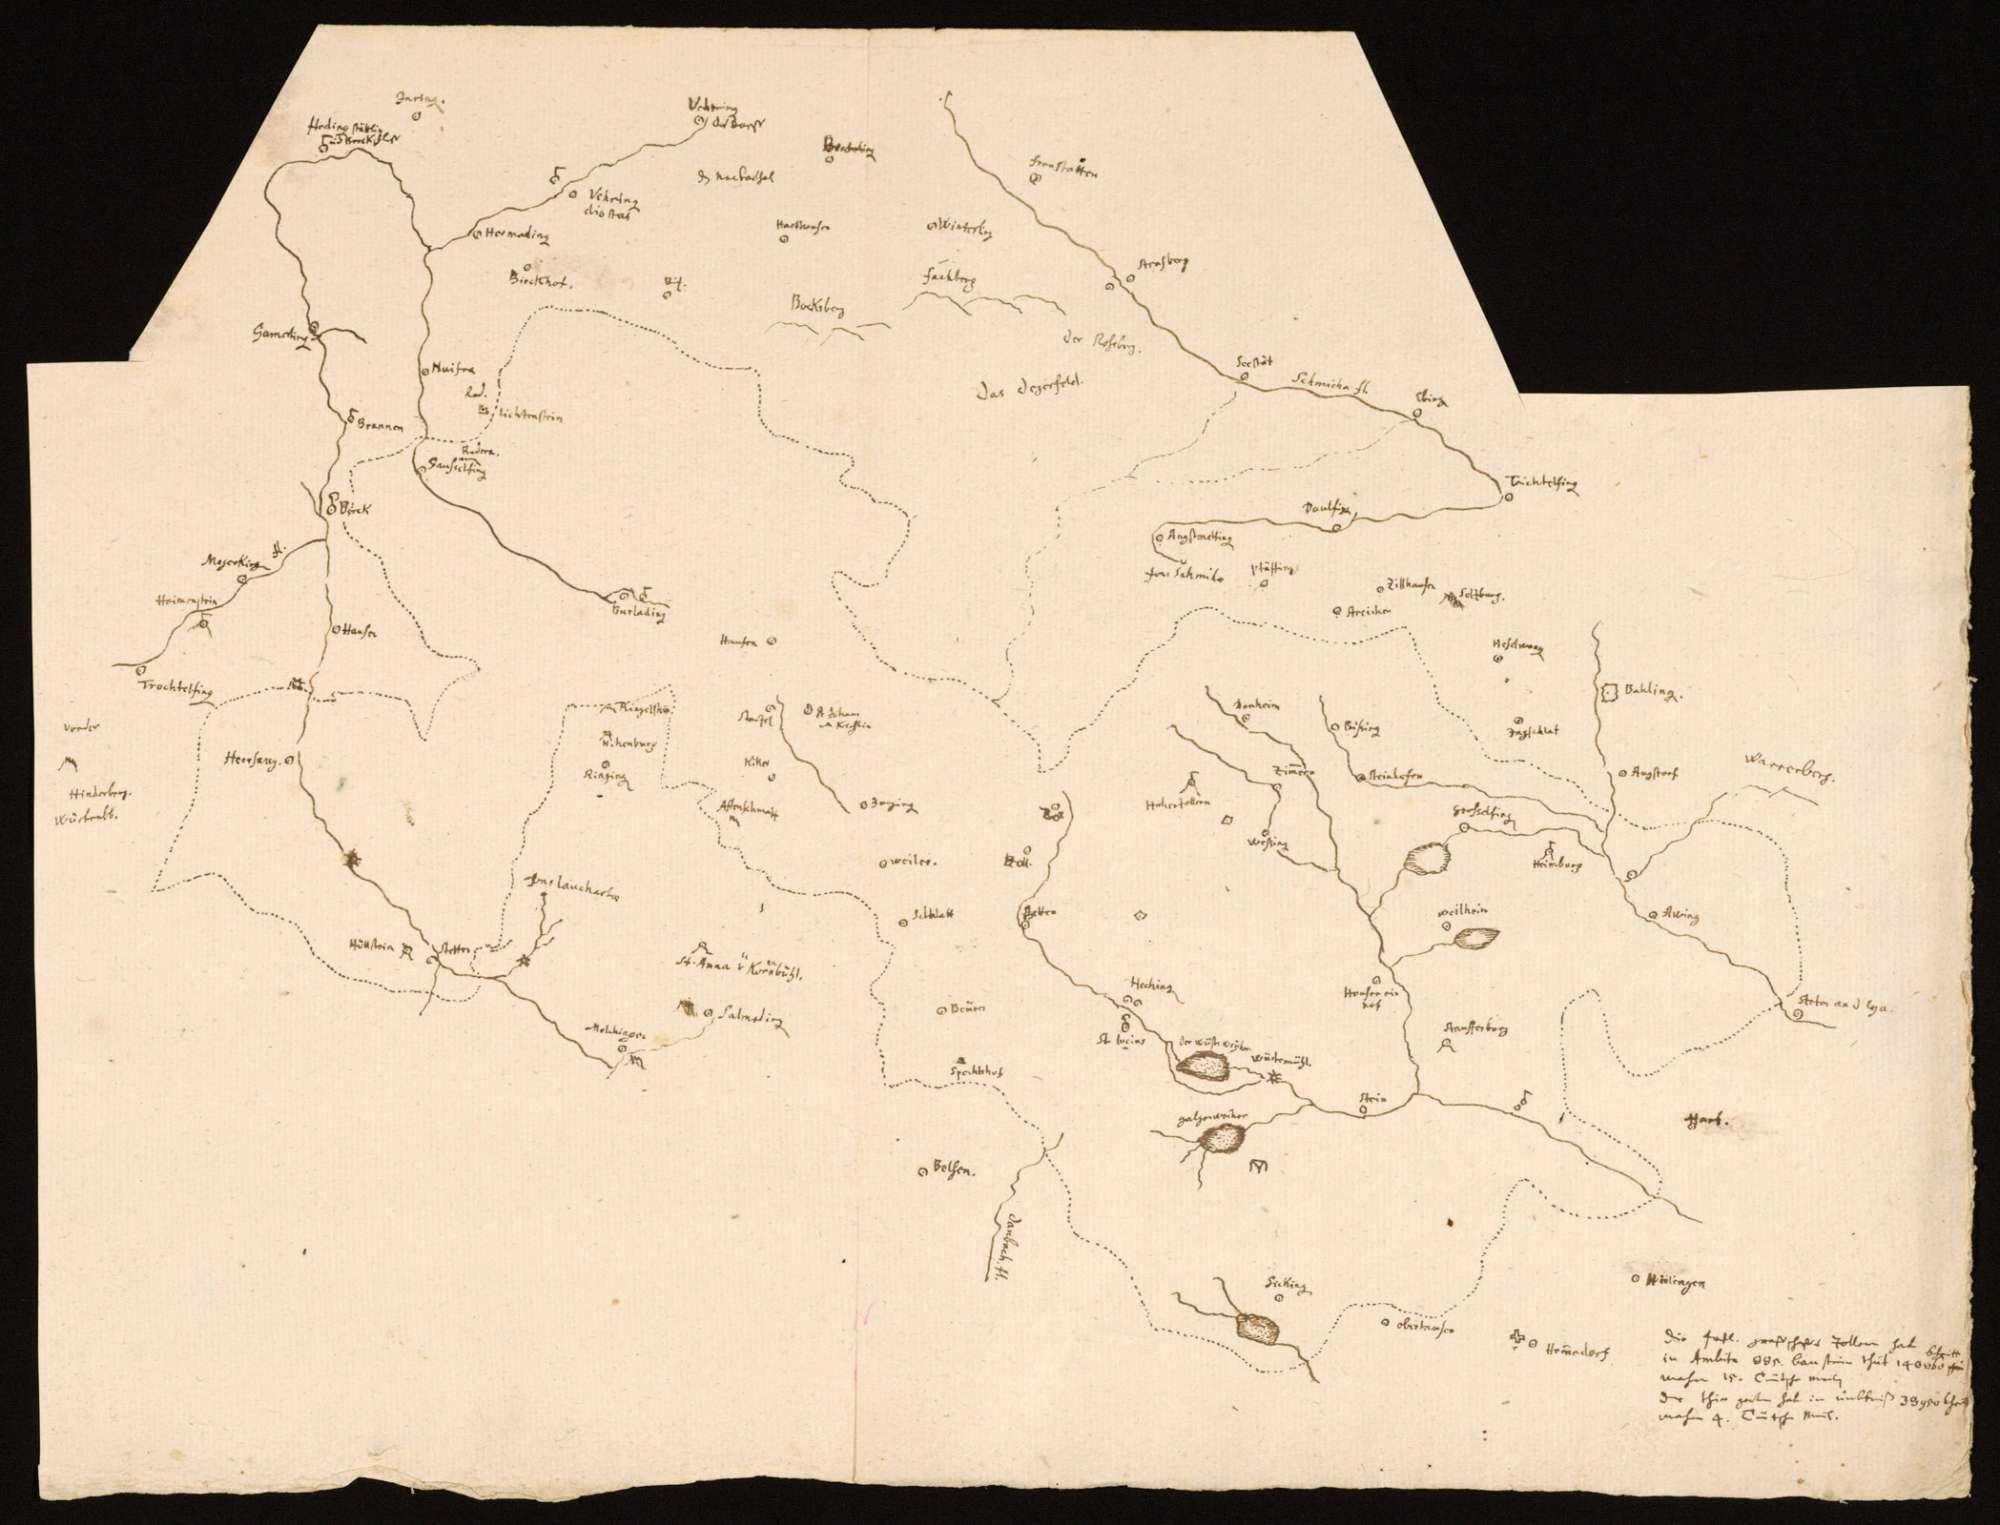 [Karte der Grafschaft Zollern mit dem Tiergarten], Bild 1